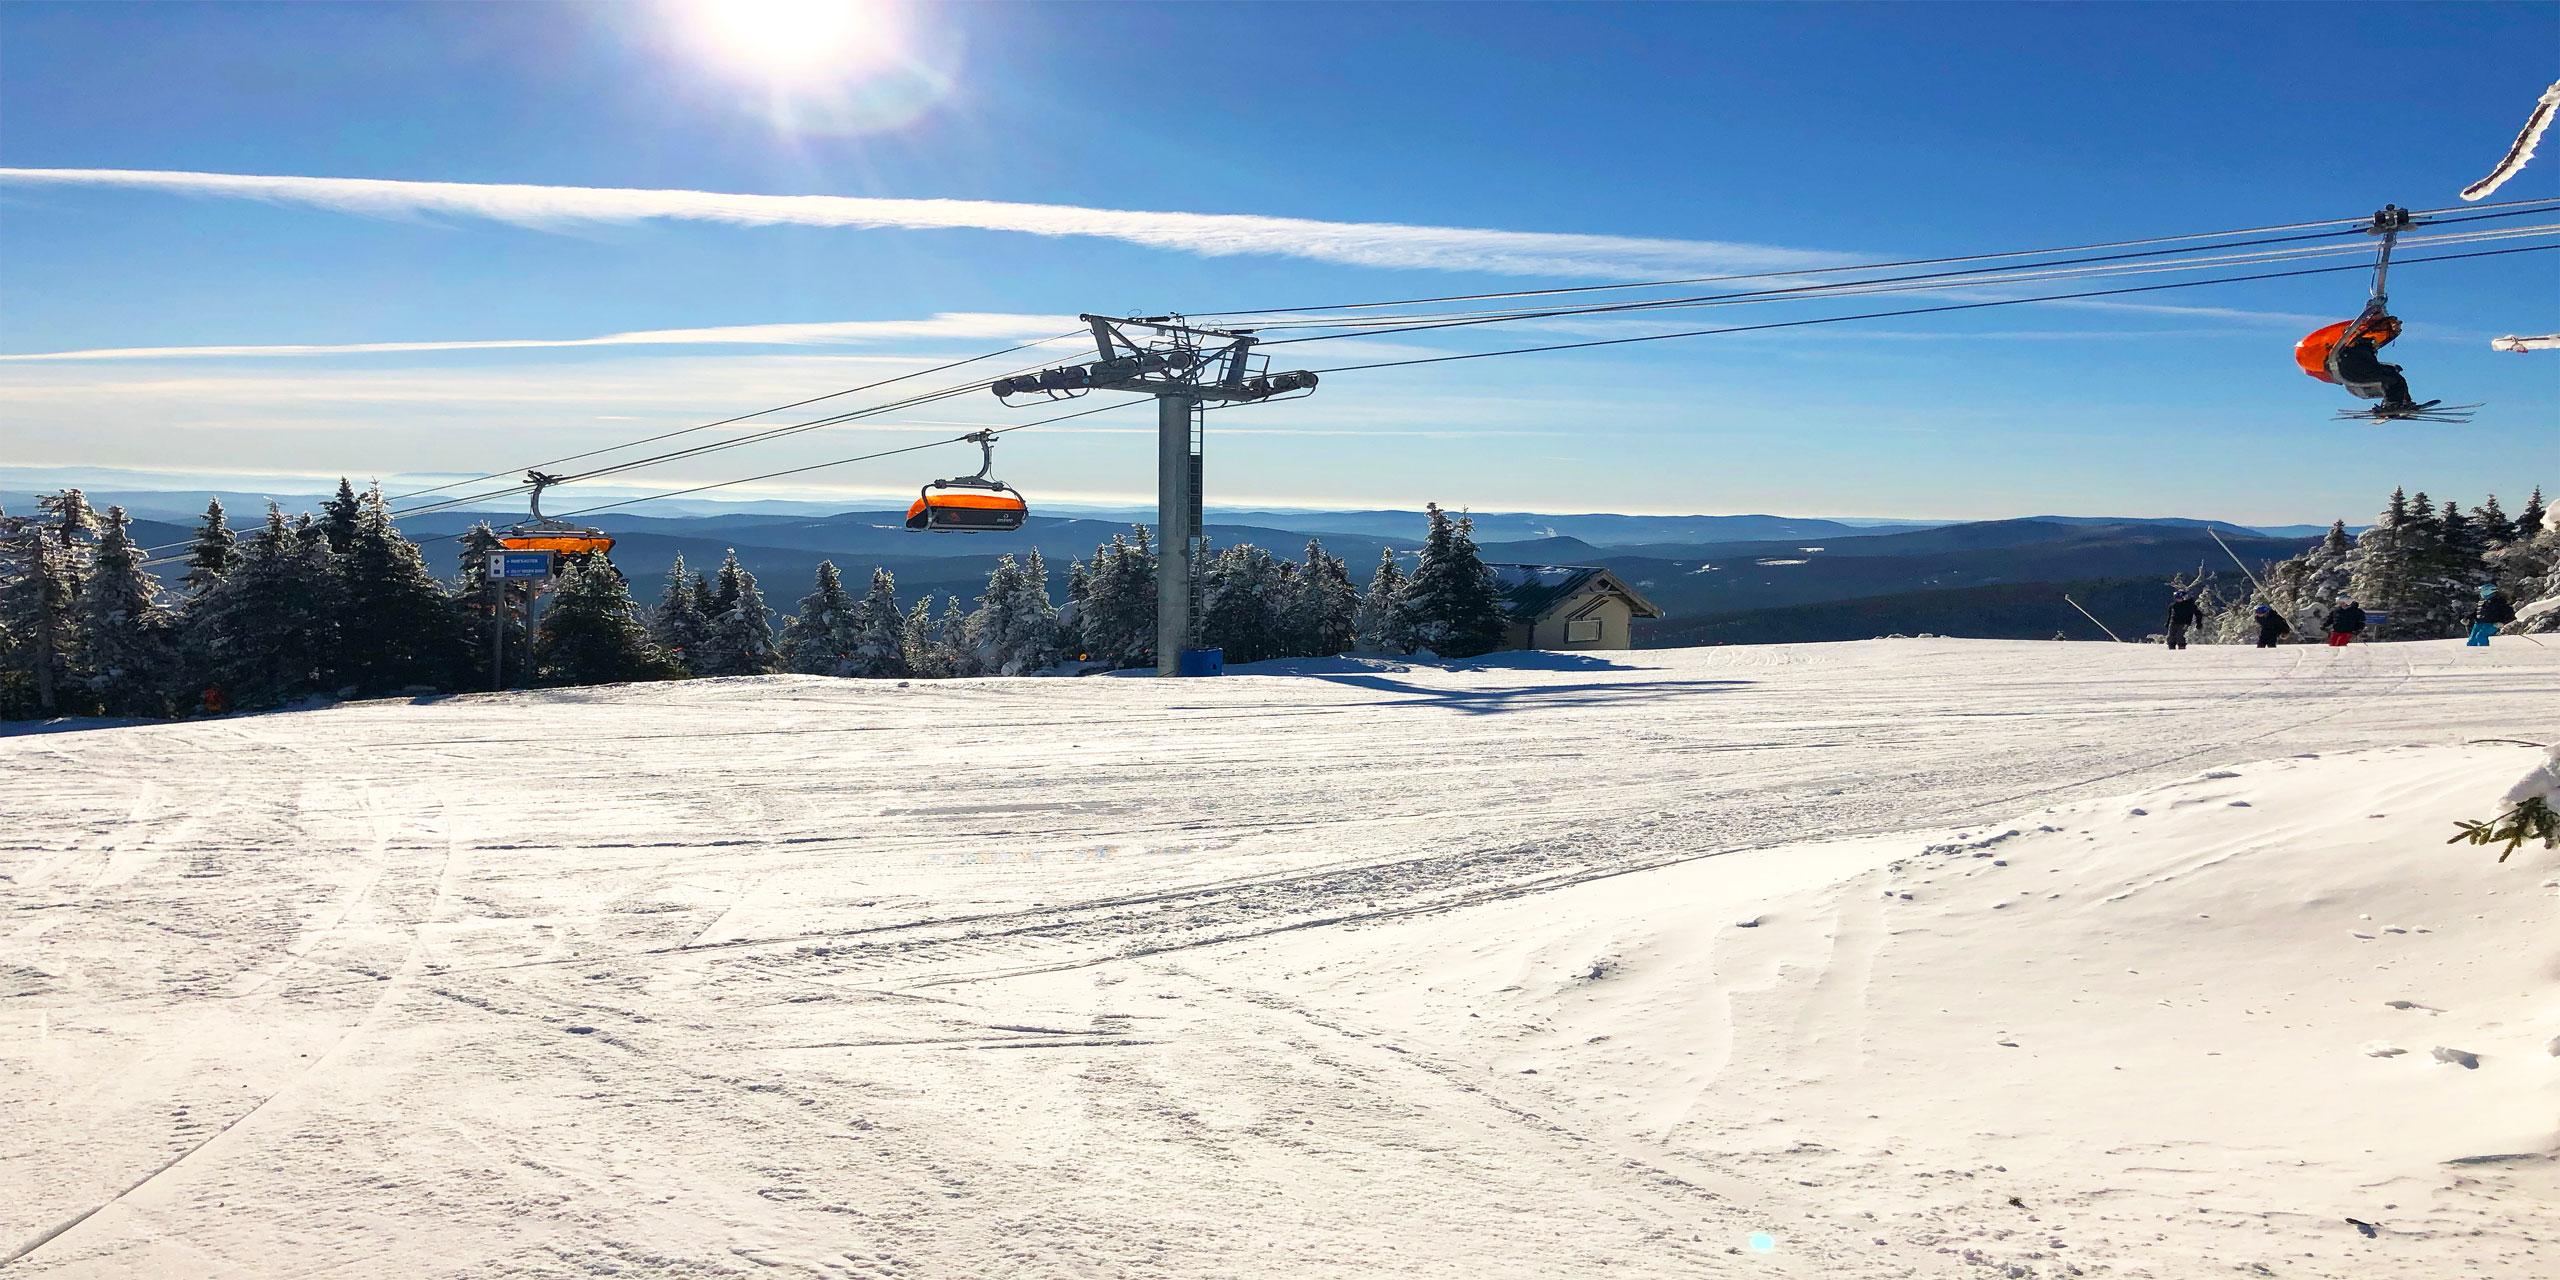 Okemo, Vermont; Courtesy of Robert Colonna/Shutterstock.com